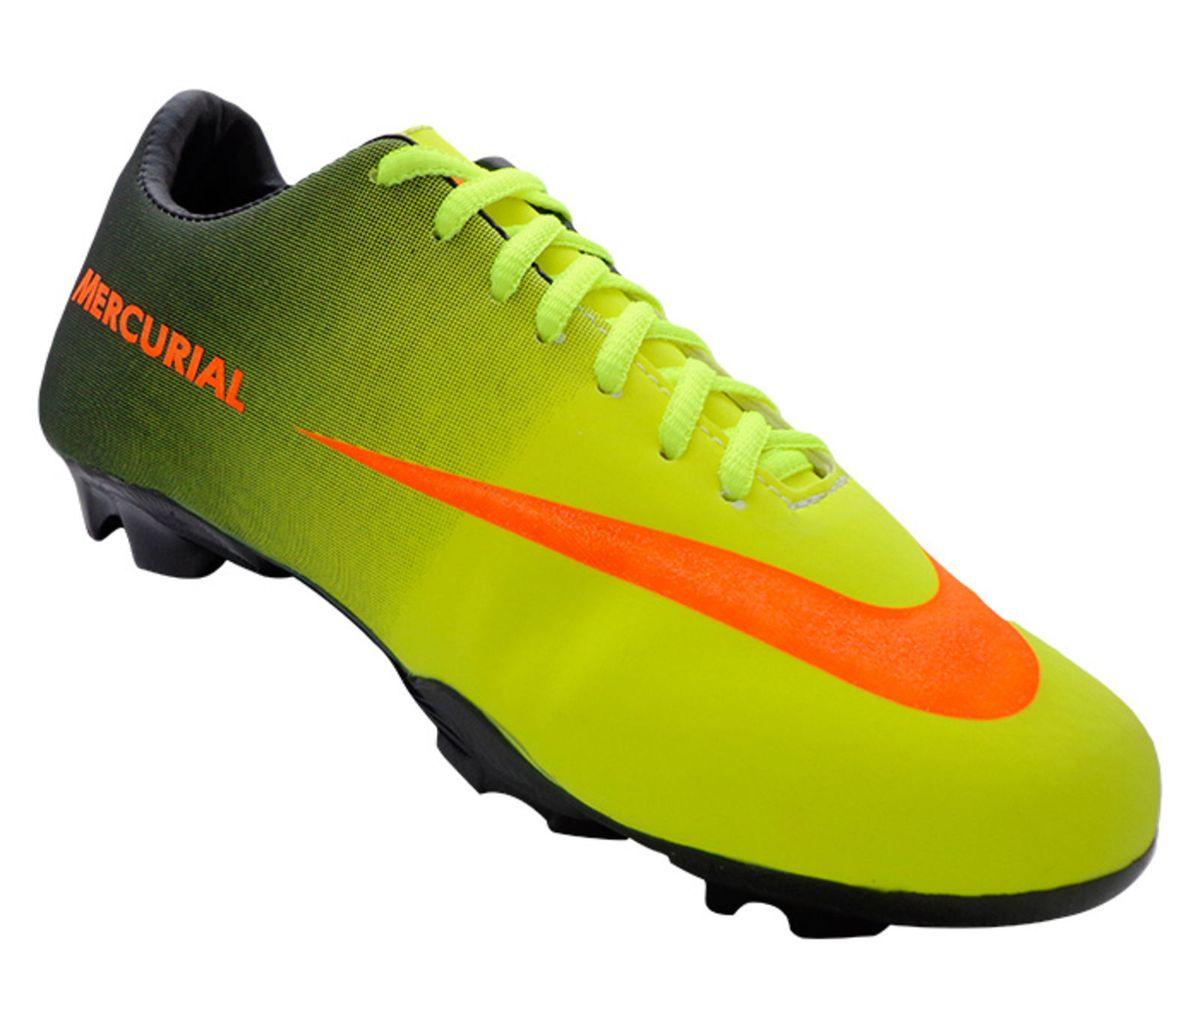 c6887ebb8a3e5 Chuteira Nike Mercurial Preta e Verde Limão | Roupa Esportiva ...